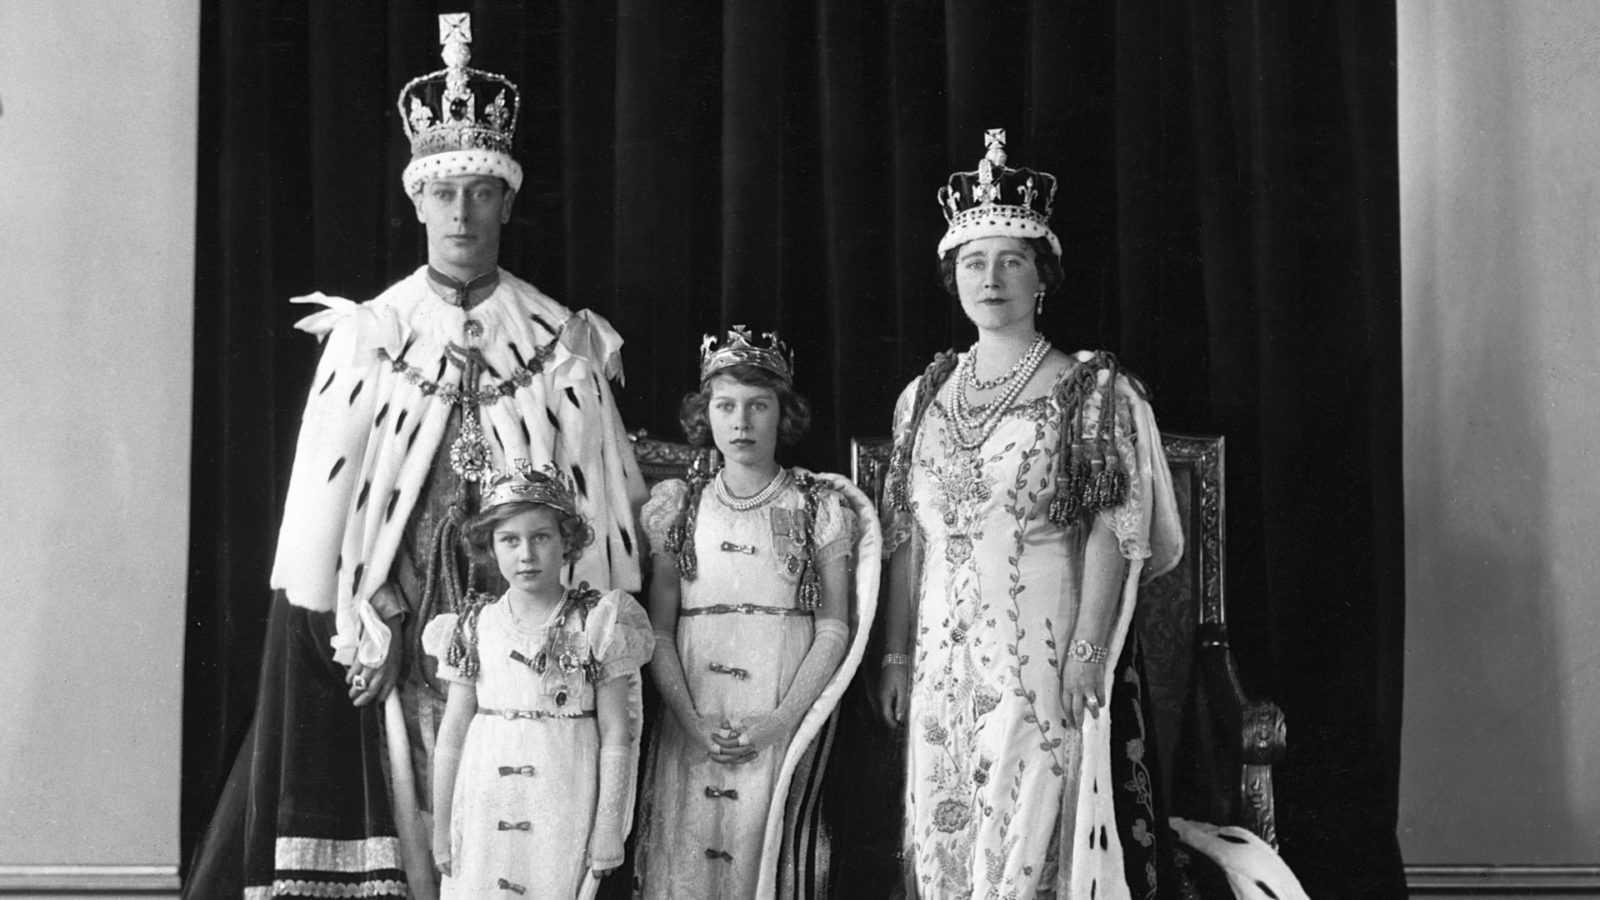 """Почему отец королевы Елизаветы II назвал себя """"королем Георгом"""" вместо """"короля Альберта""""?"""